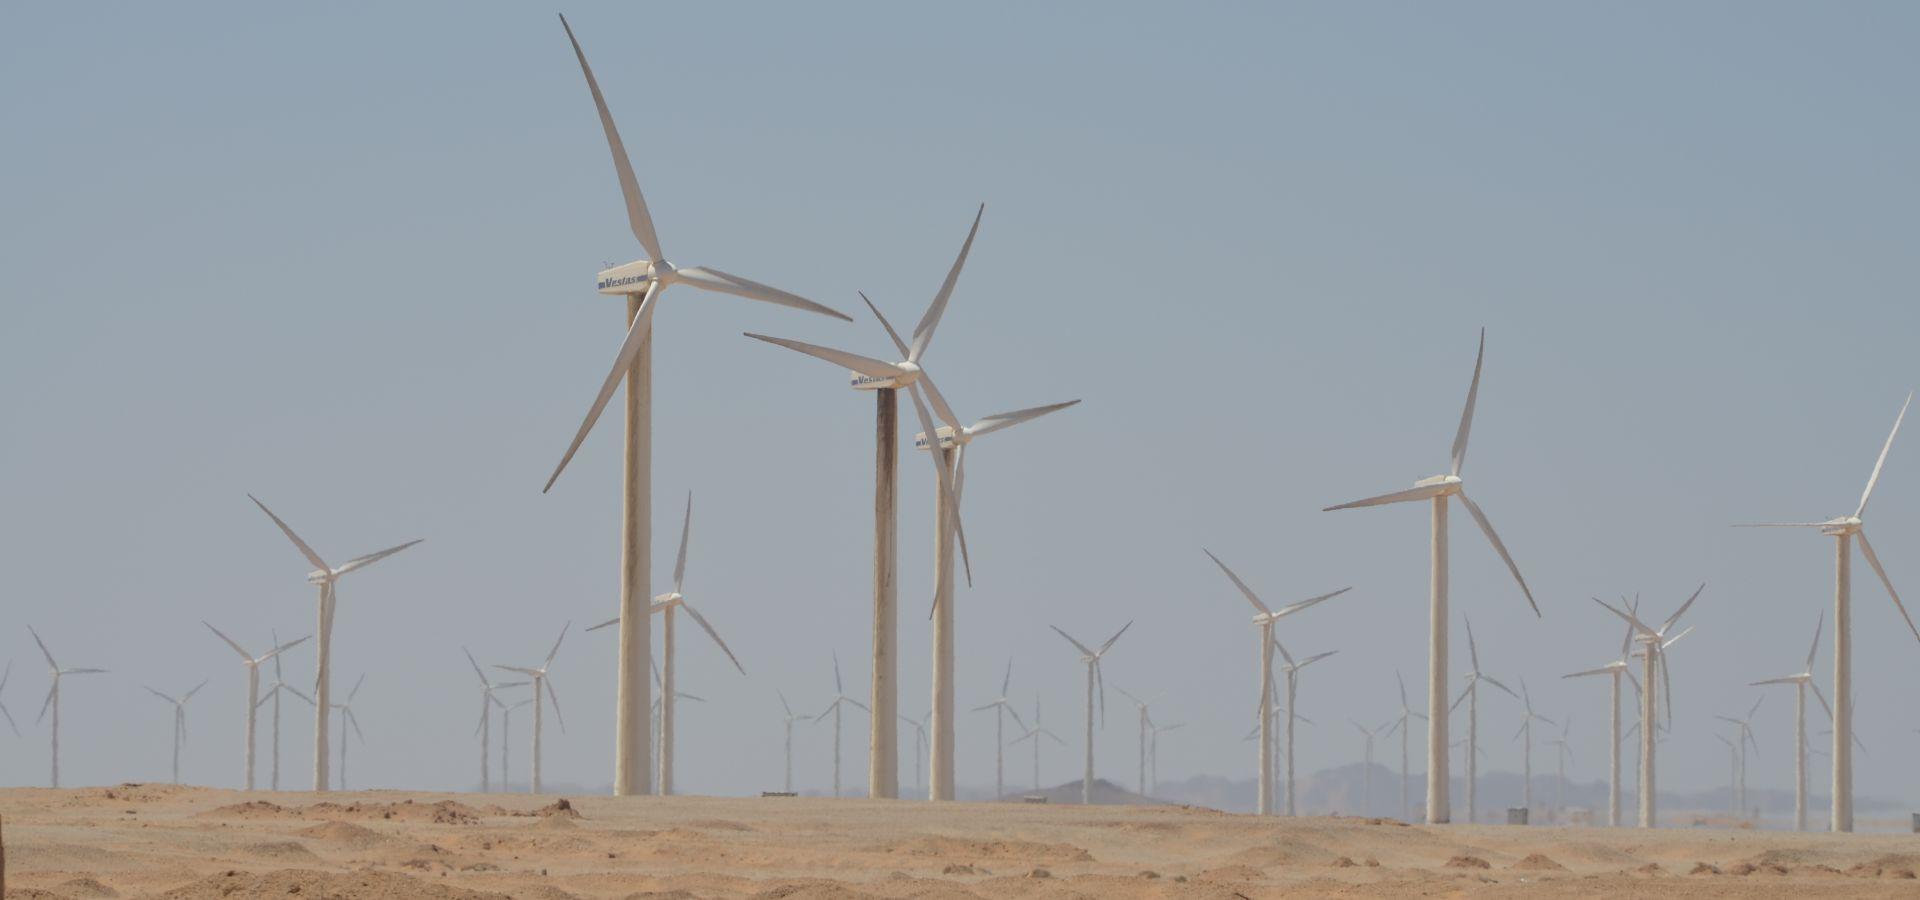 Wind turbine at Zaafarana Egypt by Hatem Moushir